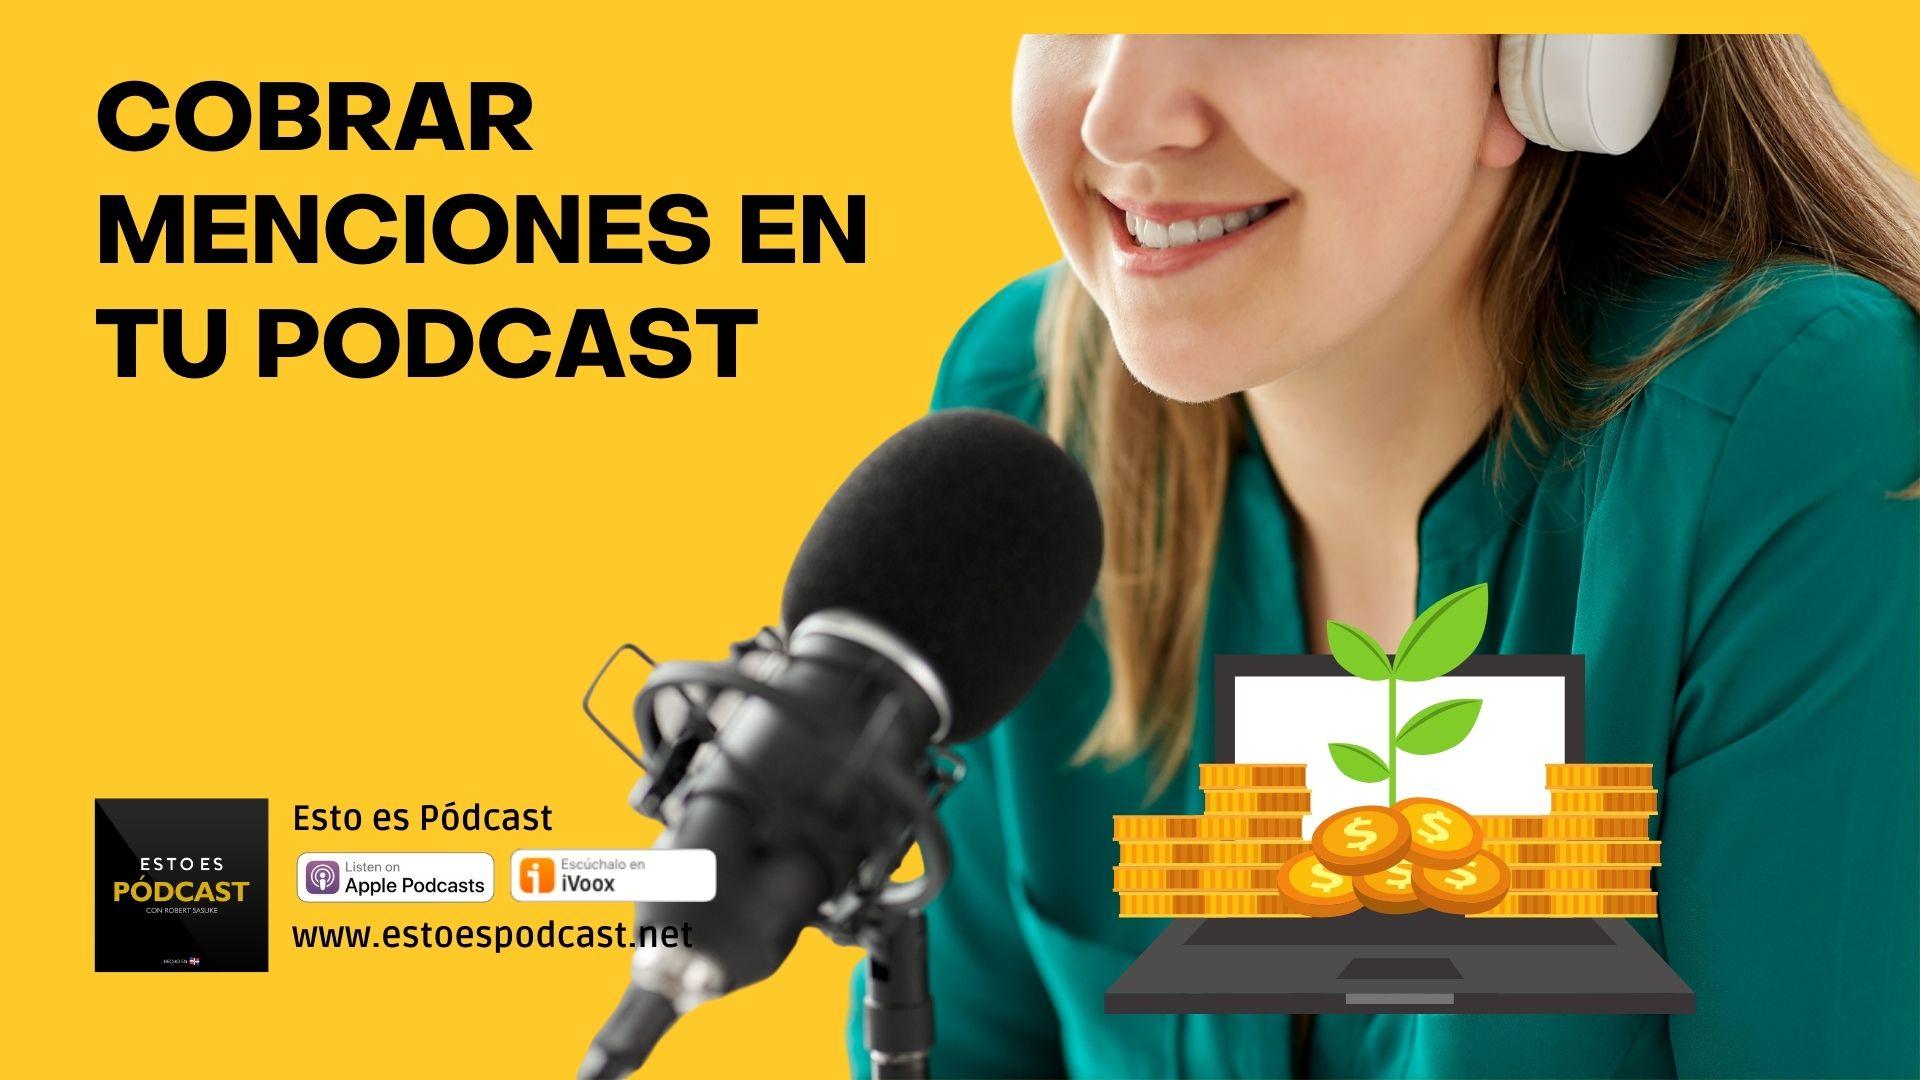 ¿Cuánto puedo cobrar por mención en mi podcast y qué necesito?